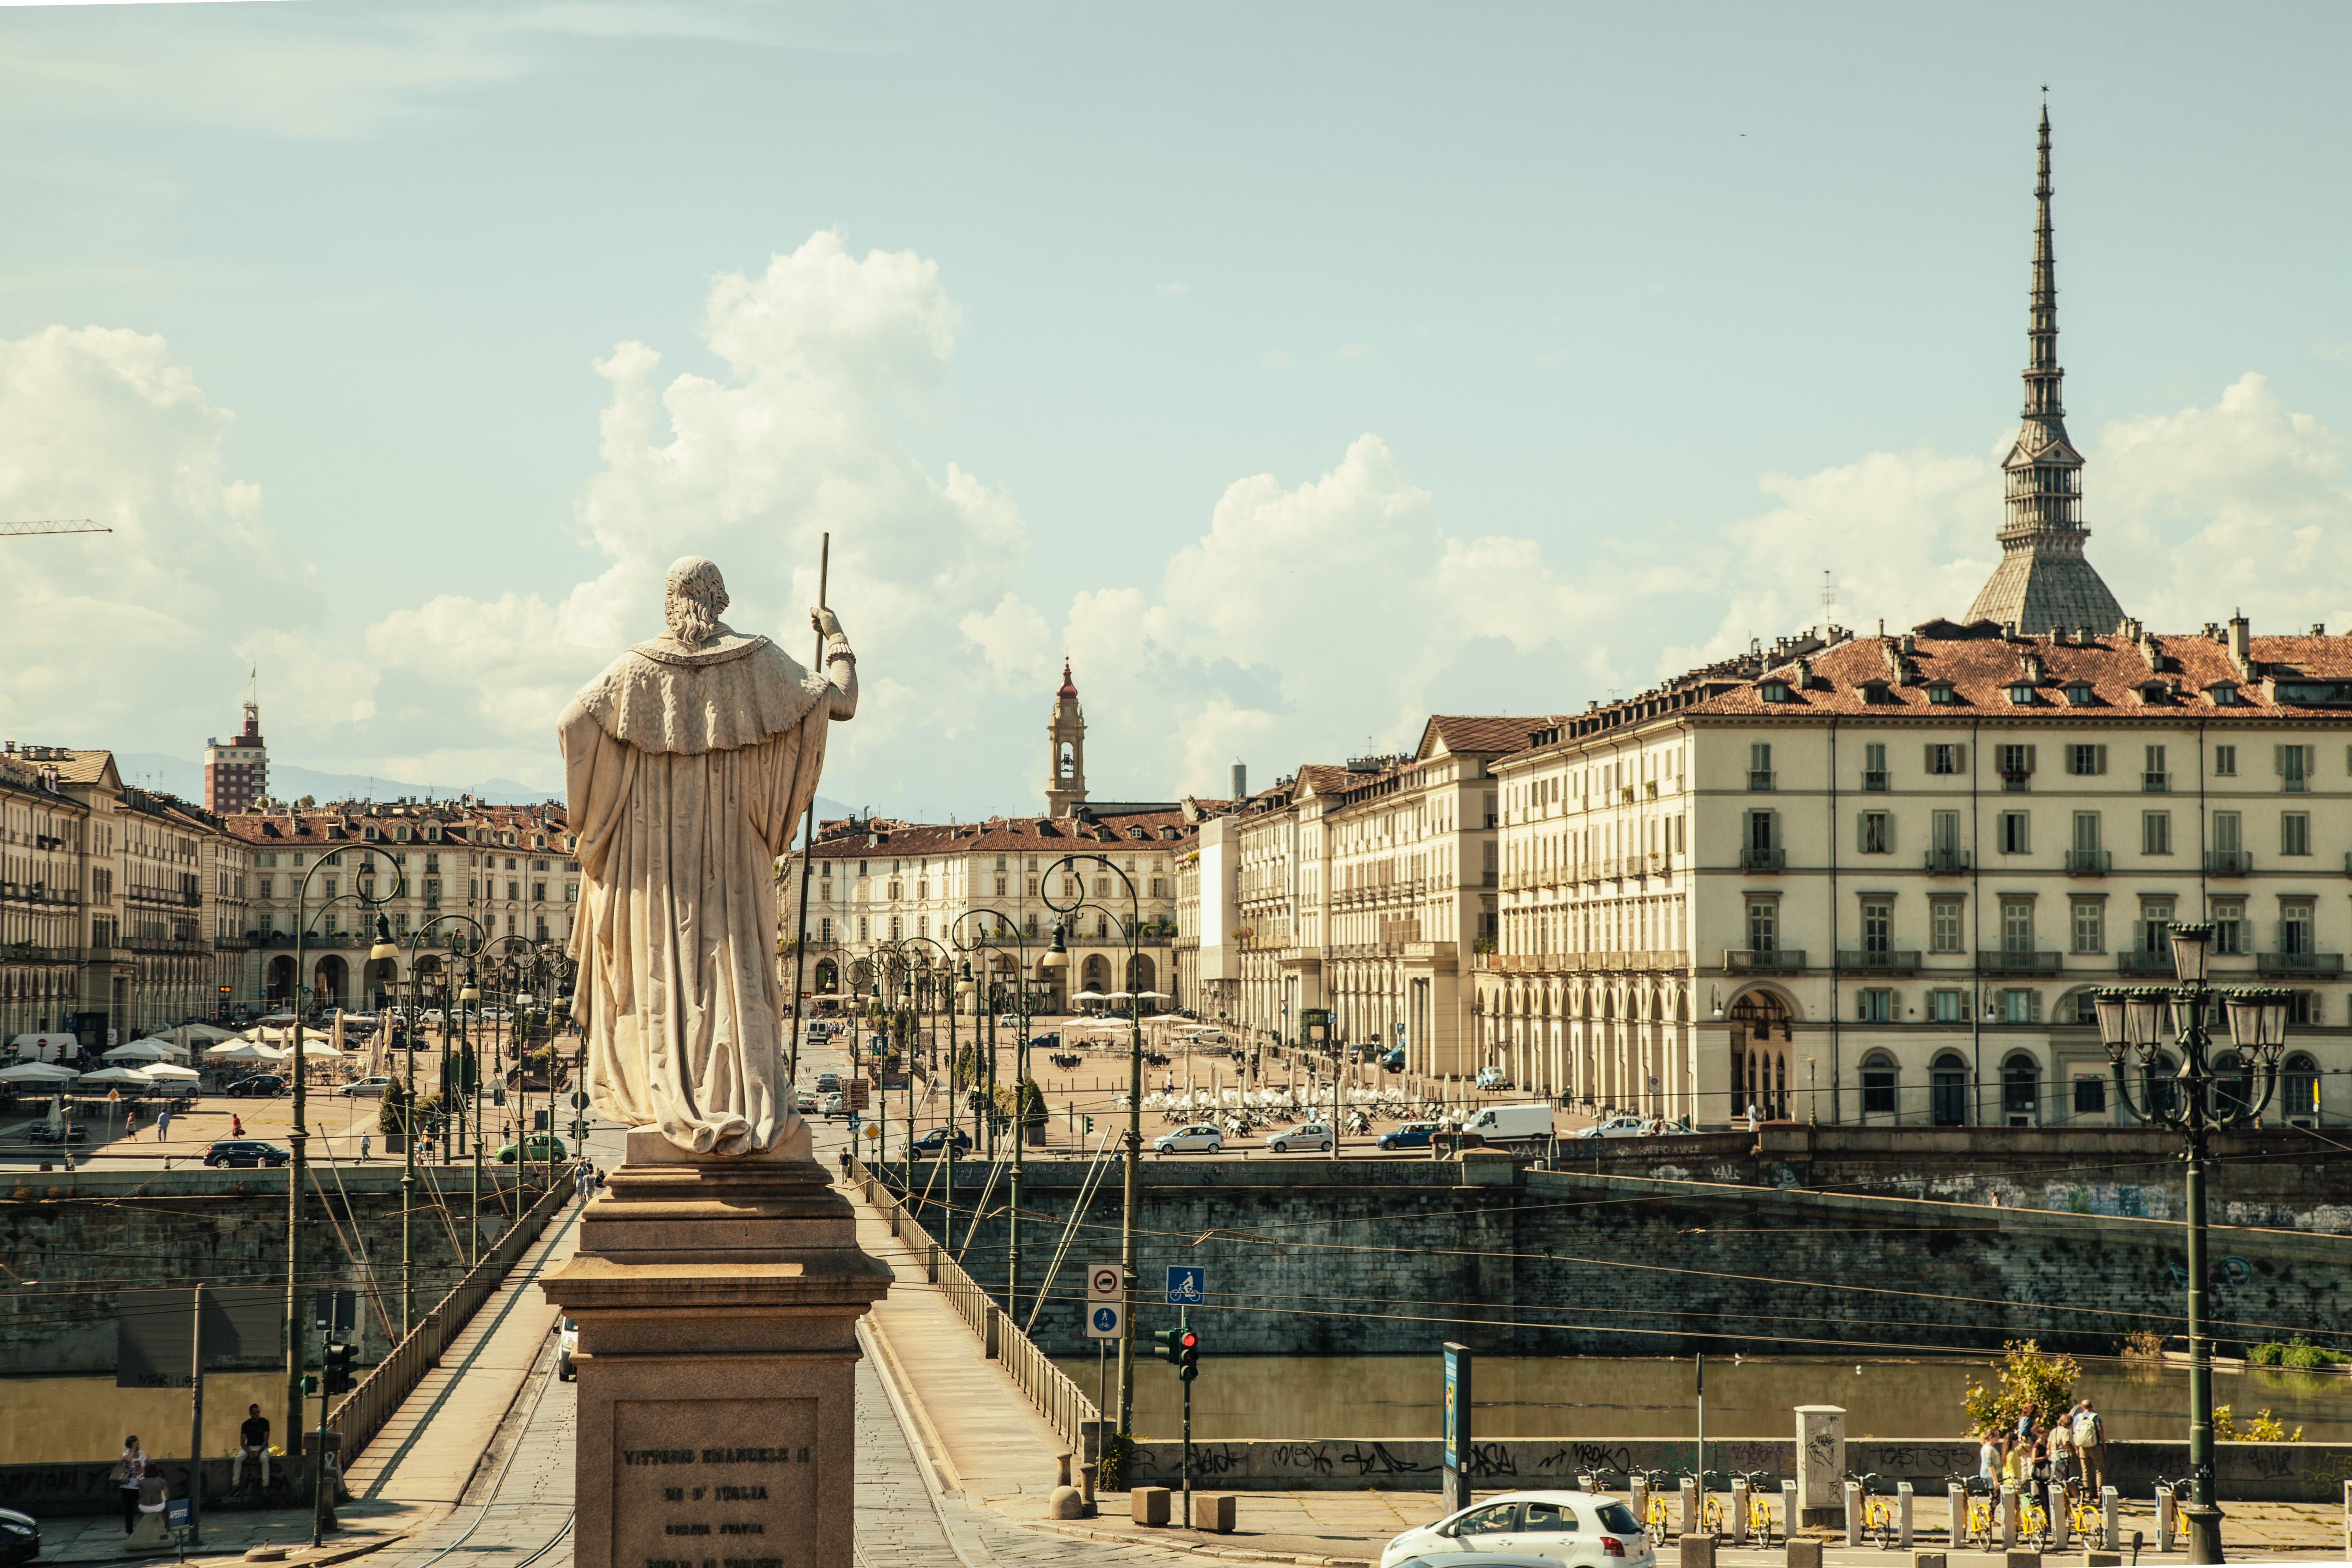 piazza-vittorio-438449.jpg